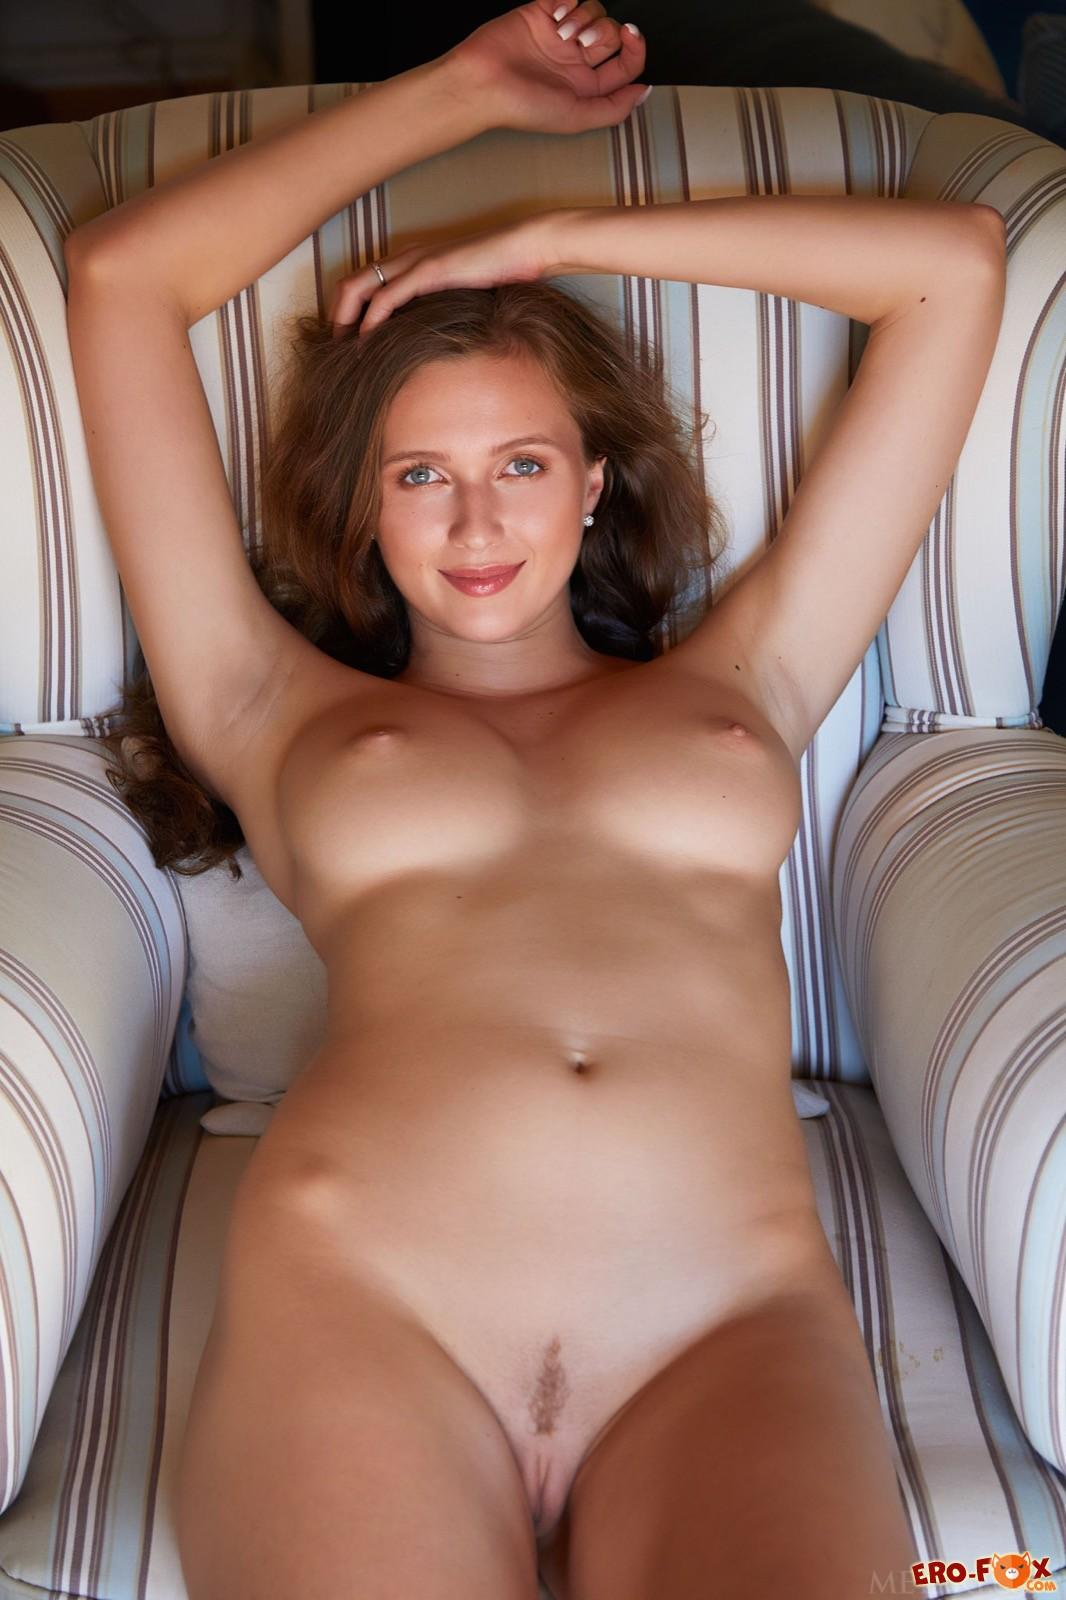 Голая девушка с длинными ногами в кресле - фото